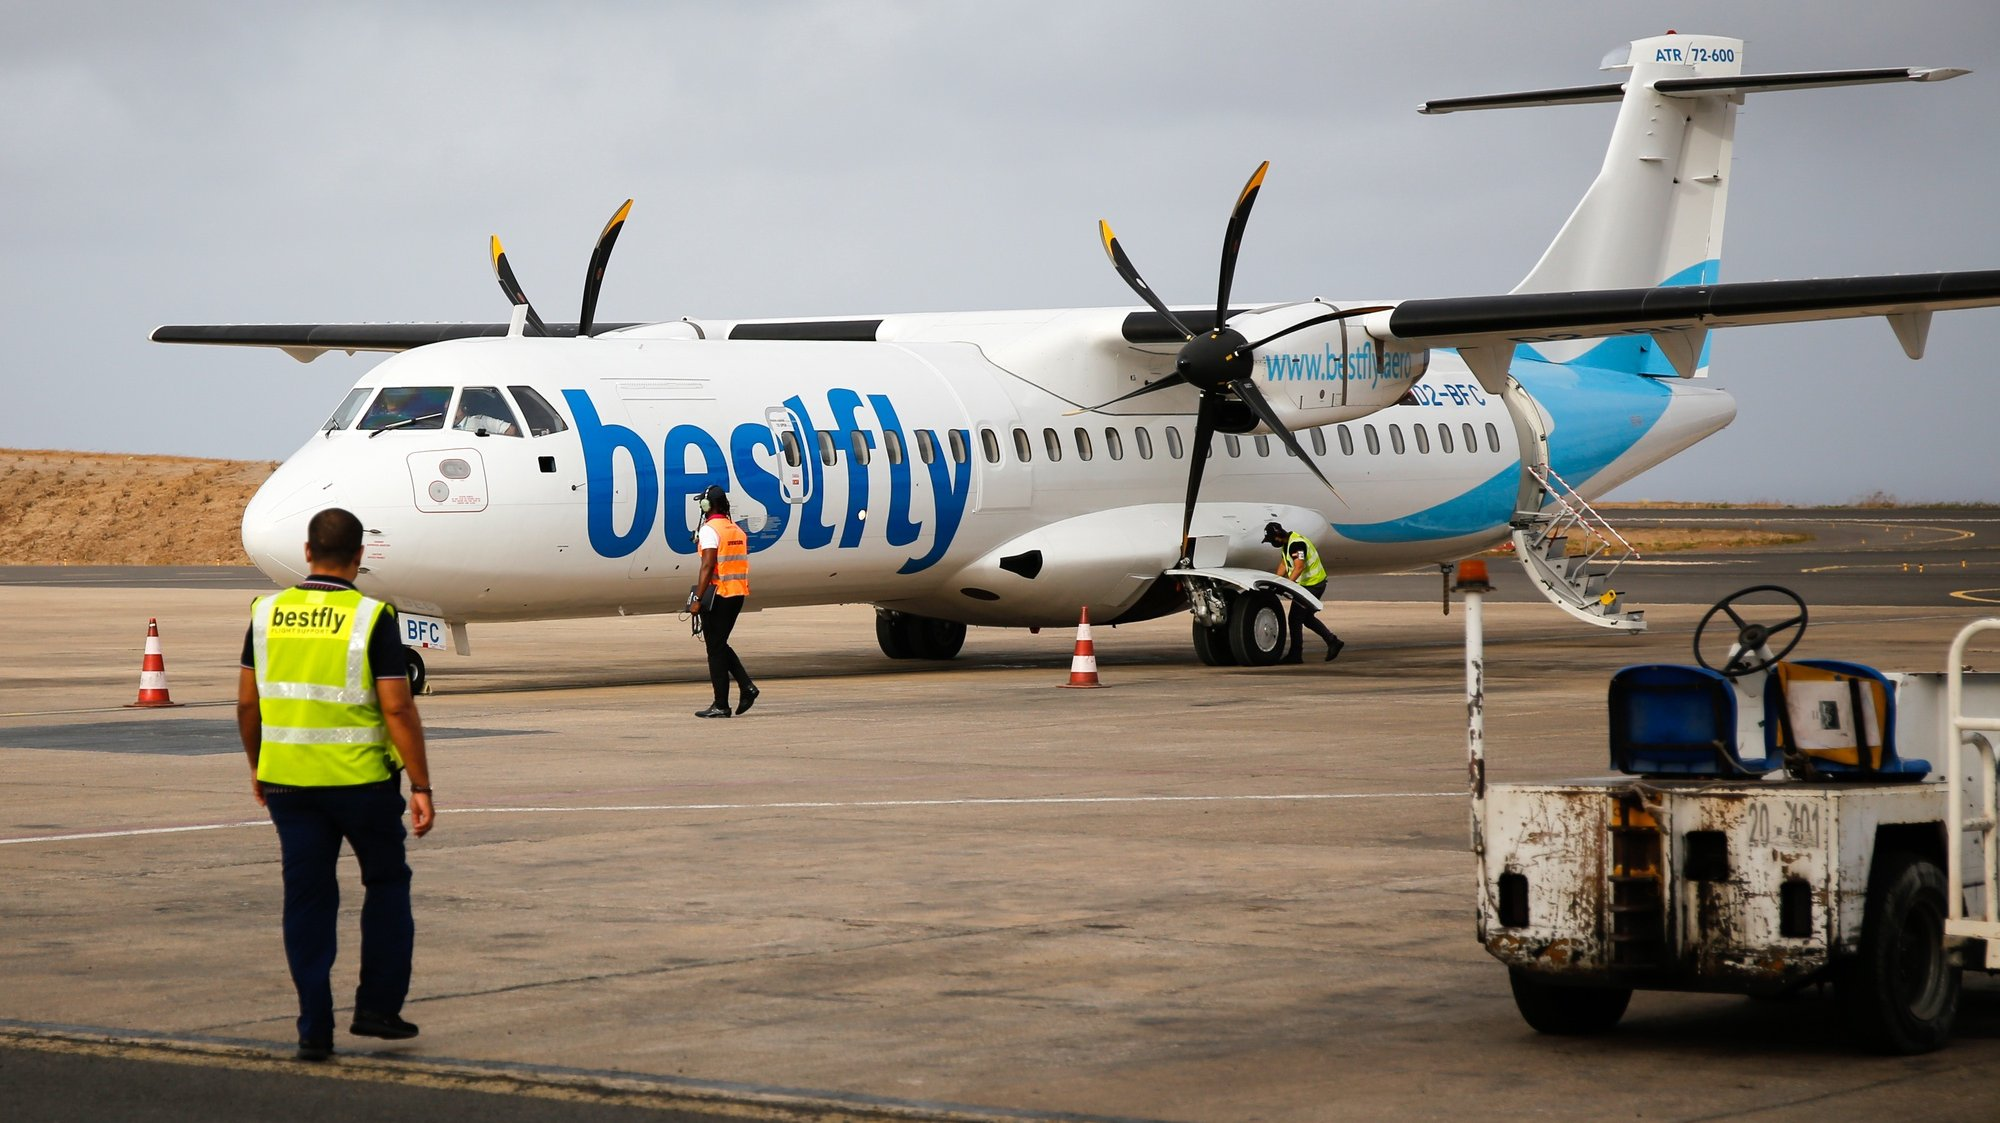 """Avião da BestFly Angola, companhia que passa a assumir a concessão do serviço público de transporte aéreo interilhas em Cabo Verde por seis meses, Cidade da Praia, Cabo Verde, 17 de maio de 2021. À Lusa, o diretor-executivo do grupo angolano, Nuno Pereira, garantiu que a operação que arrancou hoje, e que nesta primeira semana prevê 30 voos, entre todas as ilhas de Cabo Verde, foi montada em apenas 15 dias e que apesar das dificuldades do setor, com forte quebra na procura no último ano, devido à ausência de turismo, o estudo de mercado realizado sugere que continua a ser """"um negócio bastante apelativo"""". (ACOMPANHA TEXTO) FERNANDO DE PINA/LUSA"""